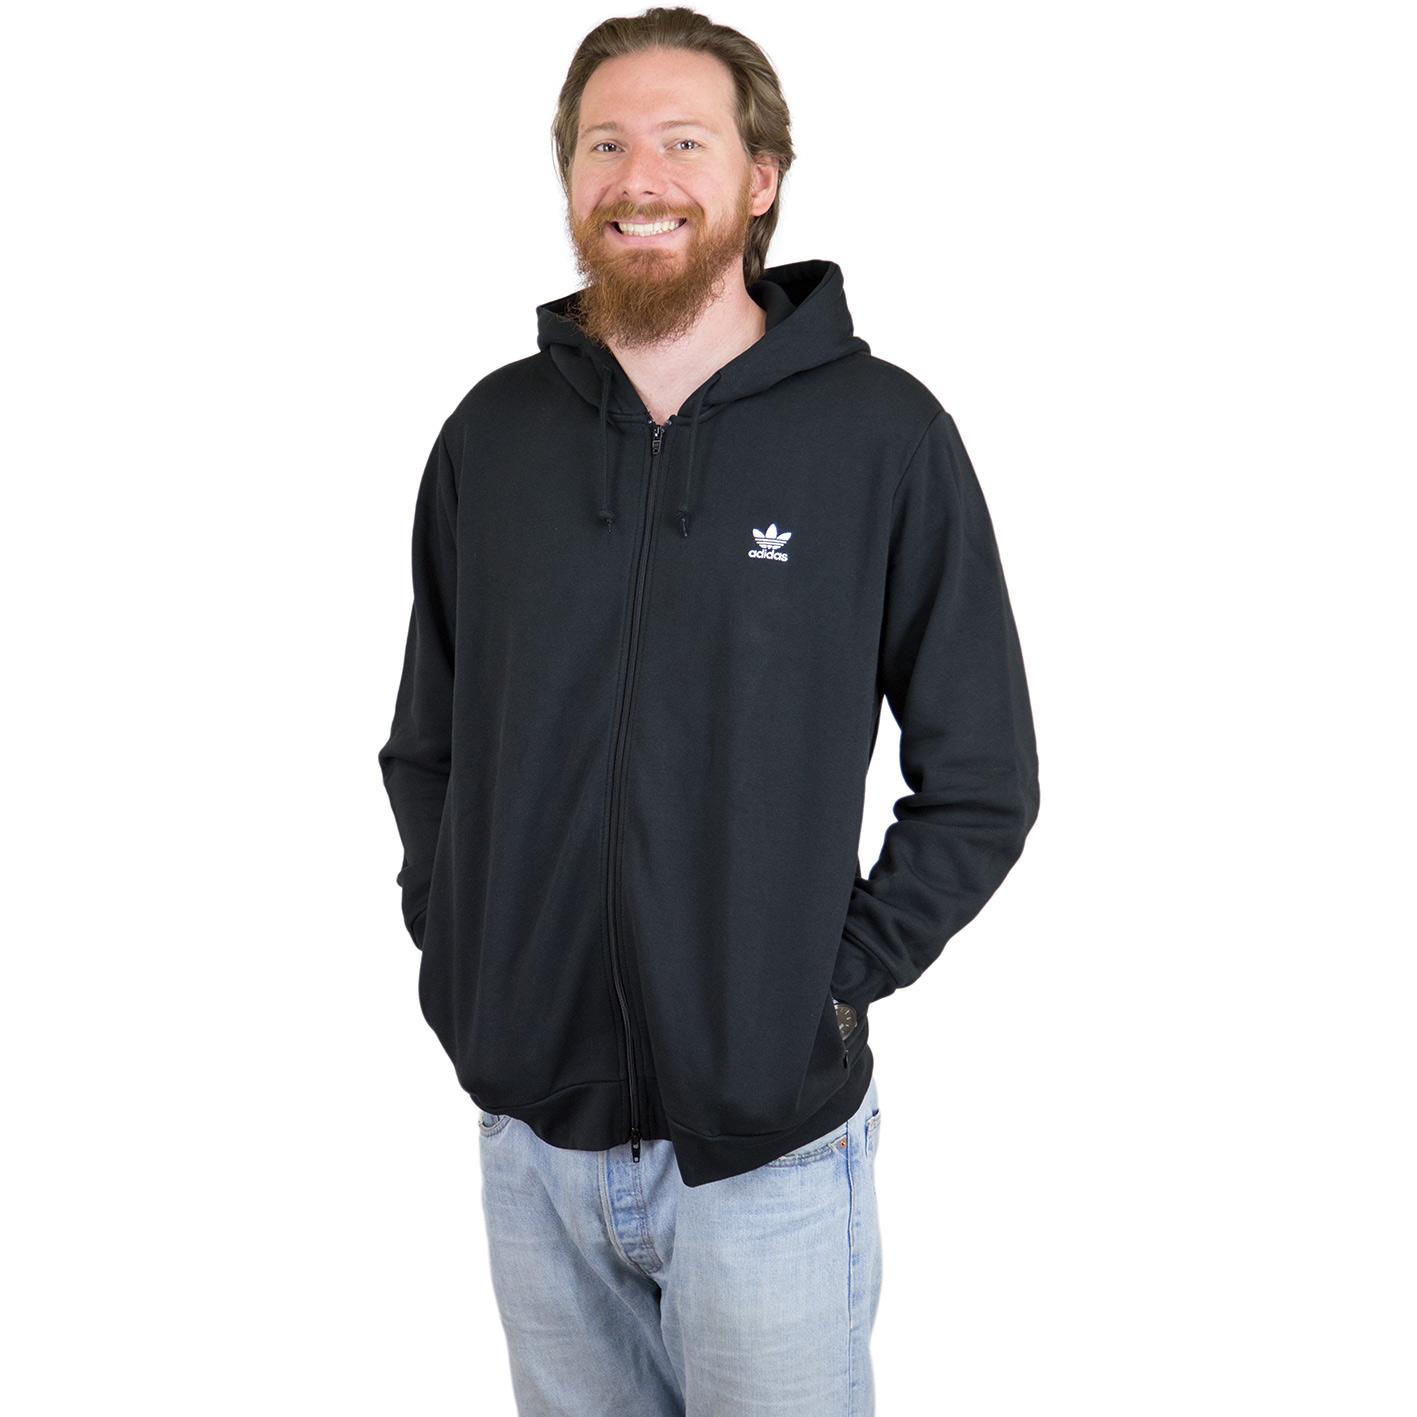 Adidas Originals Zip Hoody Trefoil Fleece schwarz